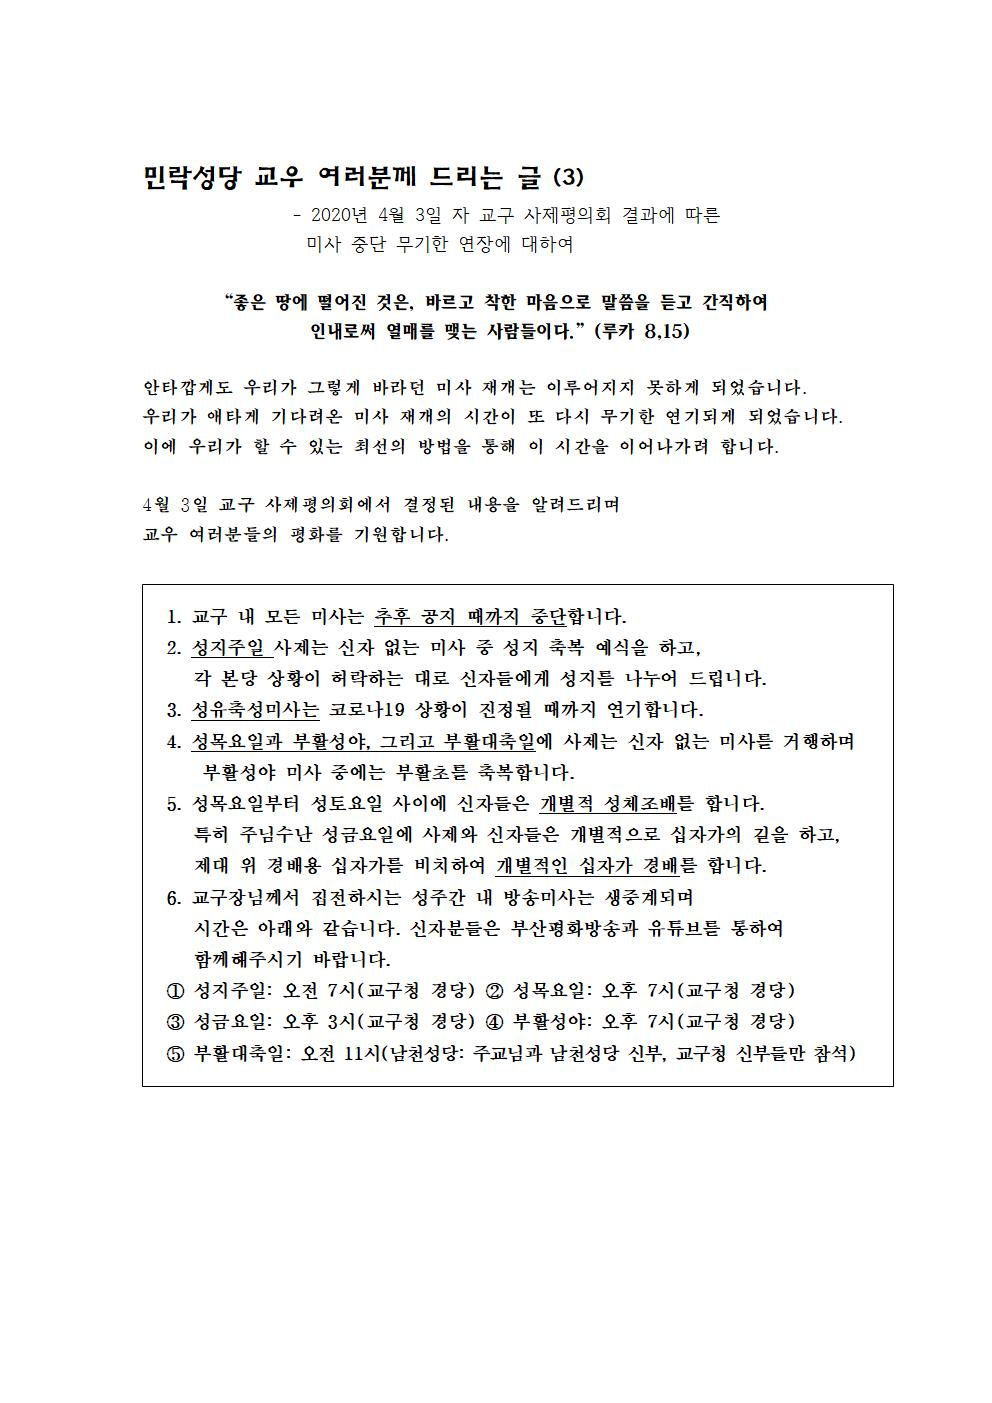 미사 재개 연장 안내문1.jpg